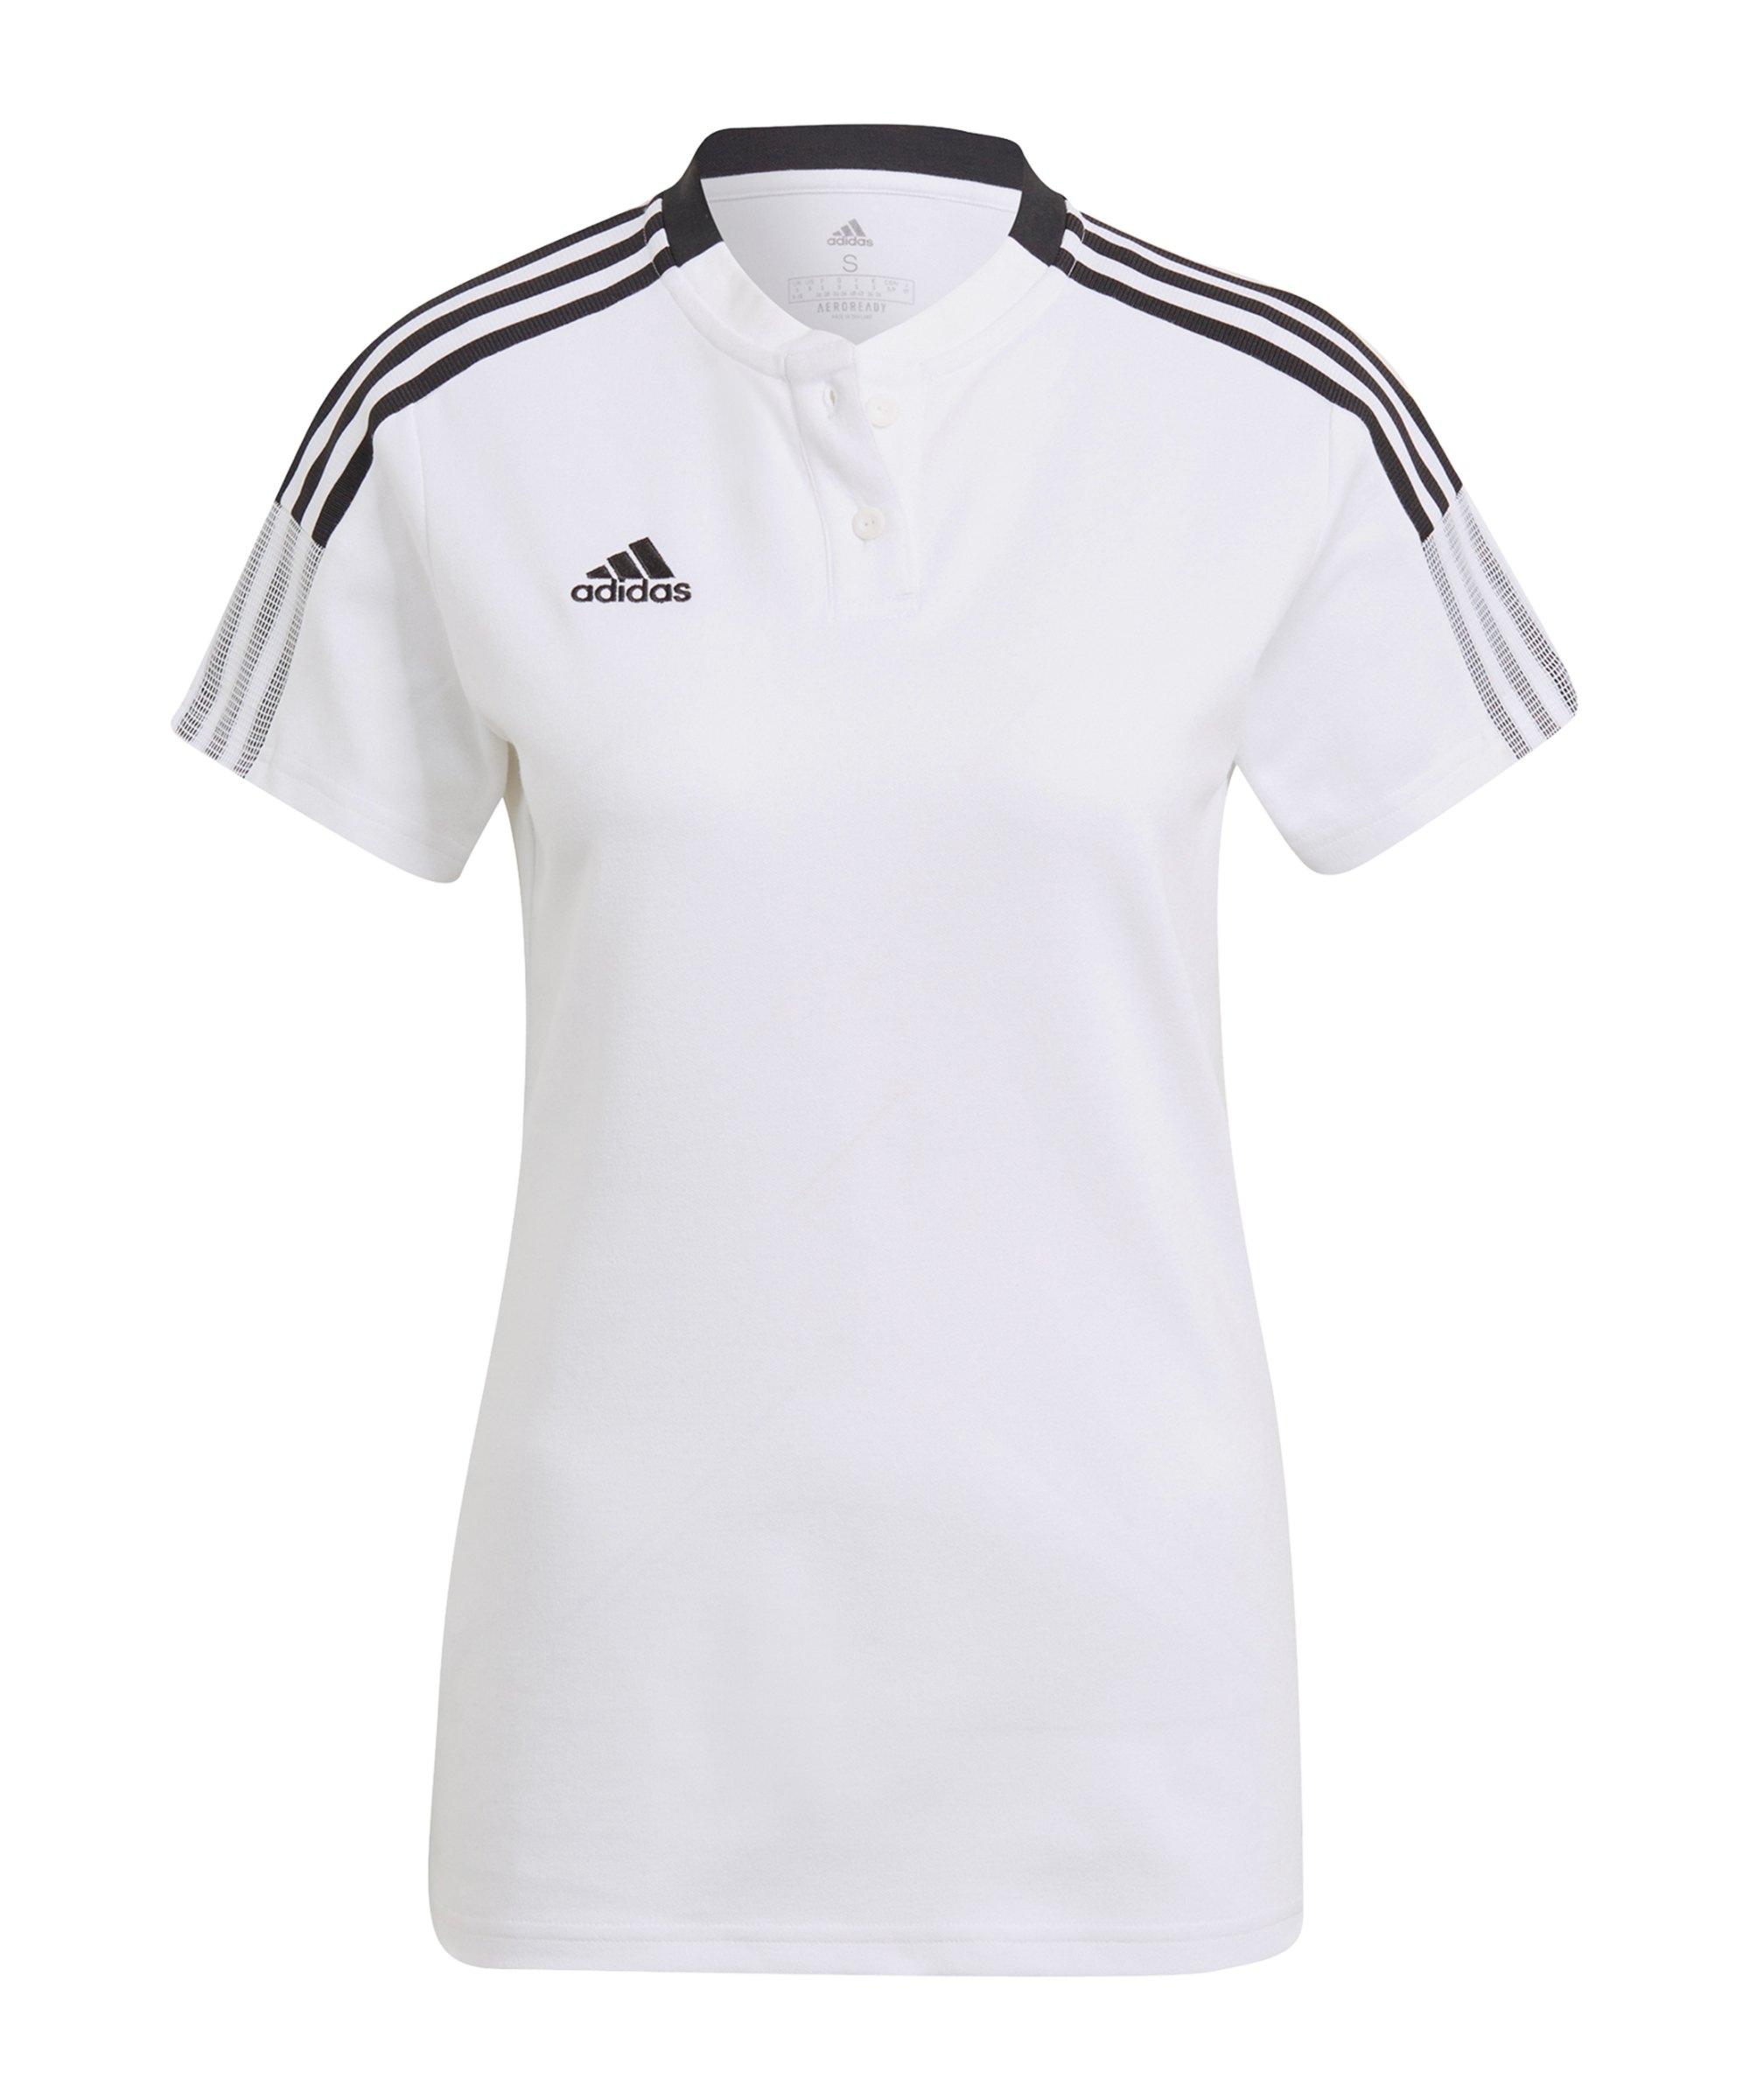 adidas Tiro 21 Poloshirt Damen Weiss - weiss